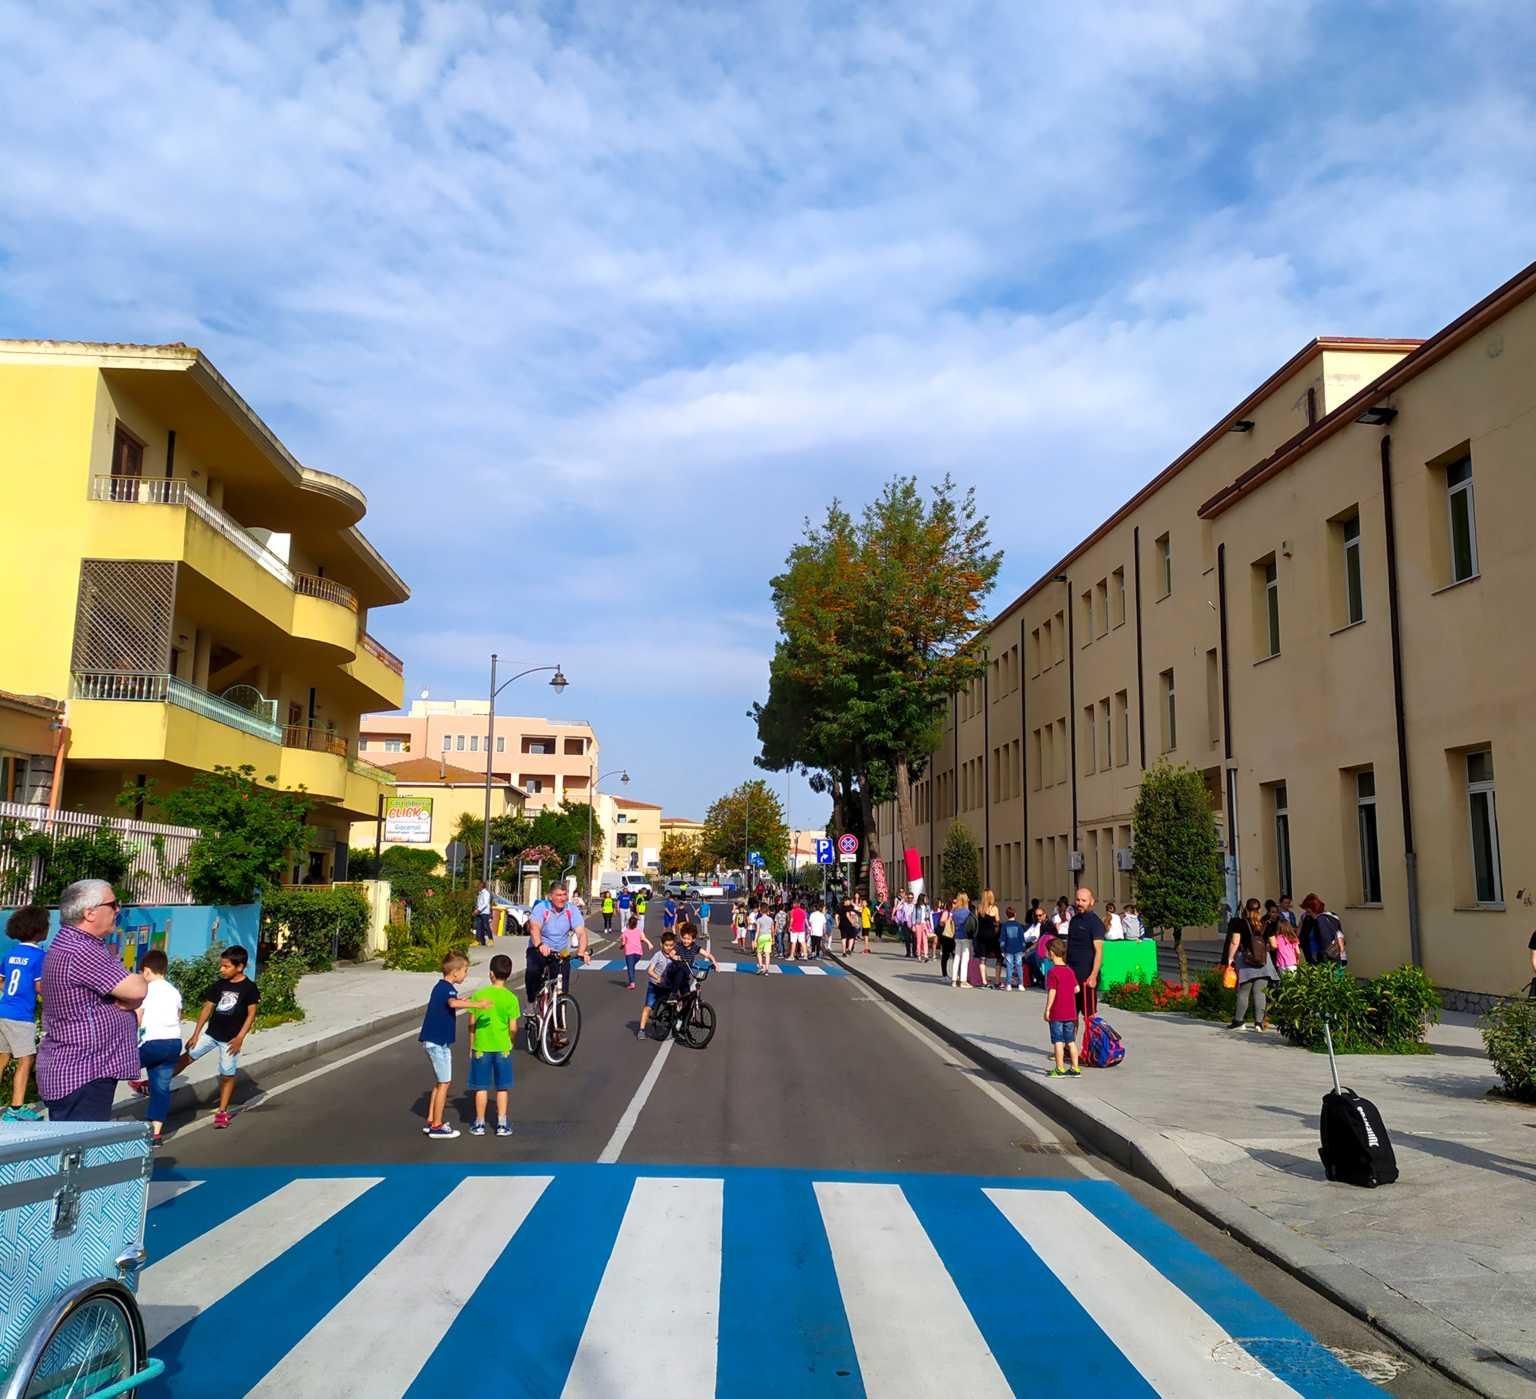 via Nanni Strada scolastica a Olbia